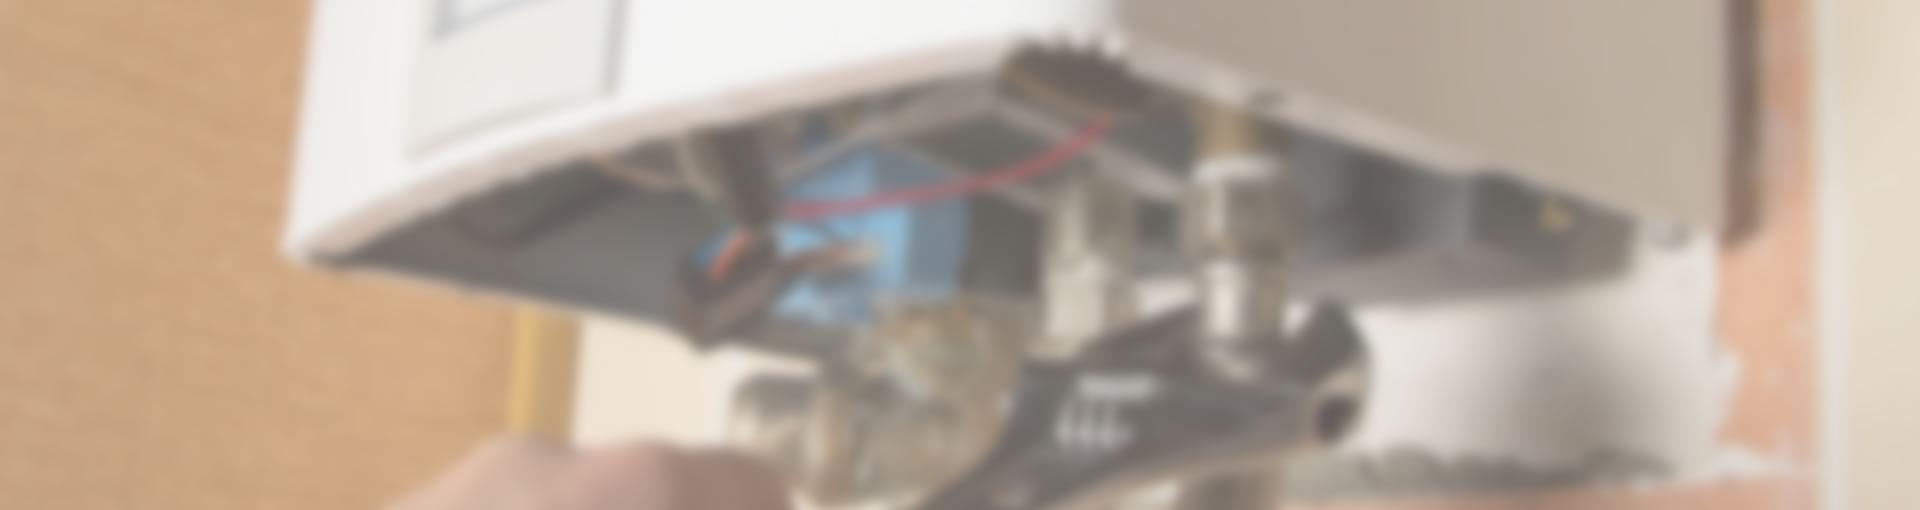 cv monteur rotterdam